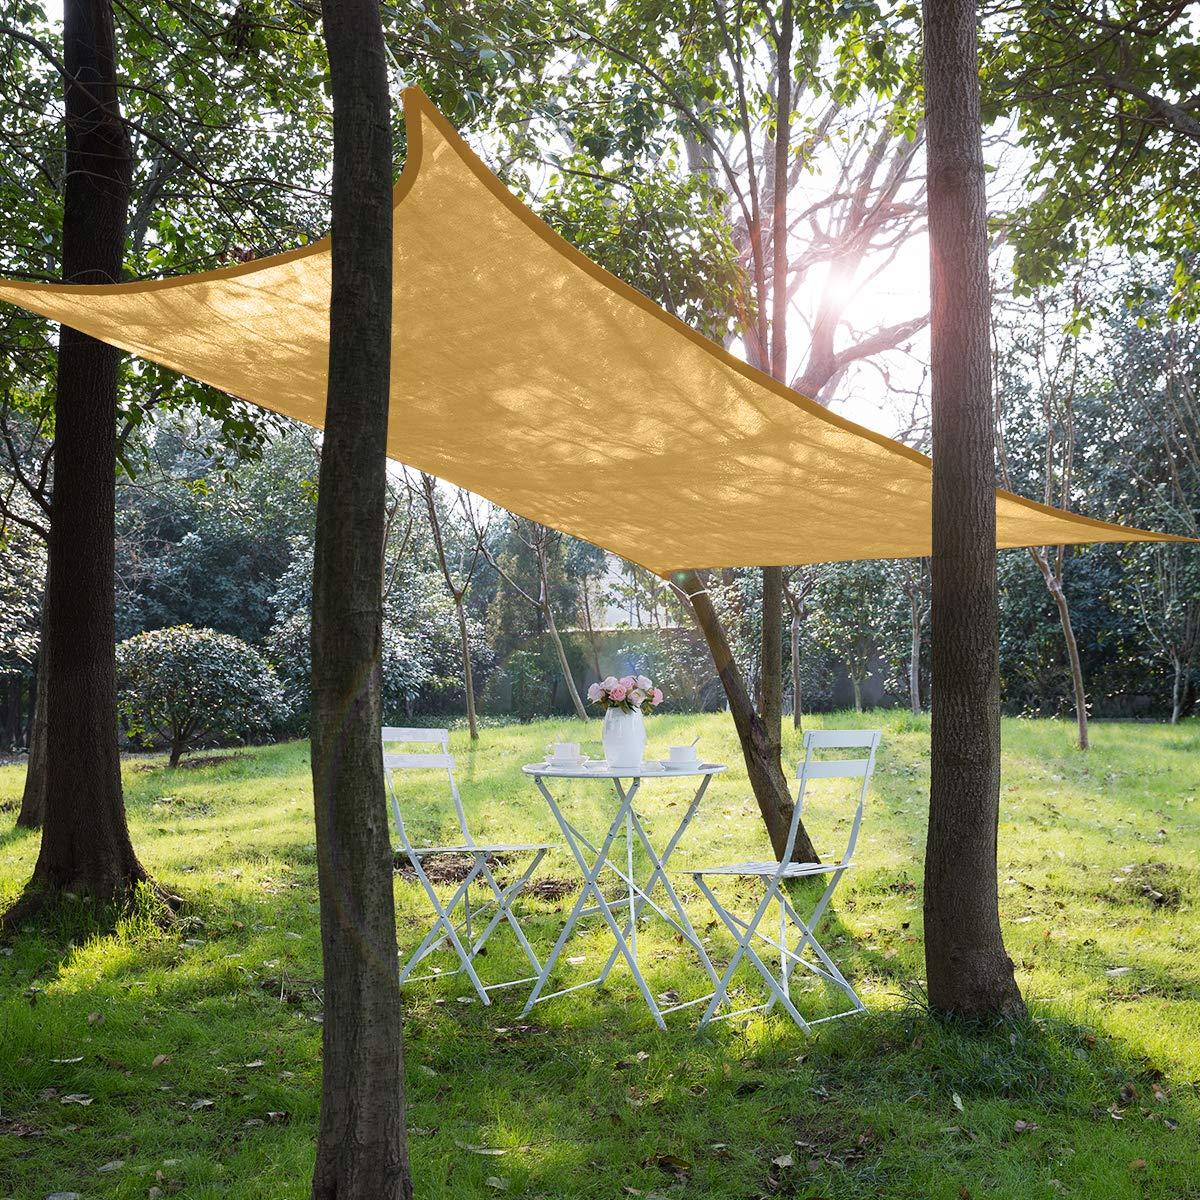 SunnyJoy Sonnensegel Rechteck 4x6m mit Edelstahl-Zubehör Sonnenschutz Wetterbeständig HDPE Atmungsaktiv UV Schutz für…